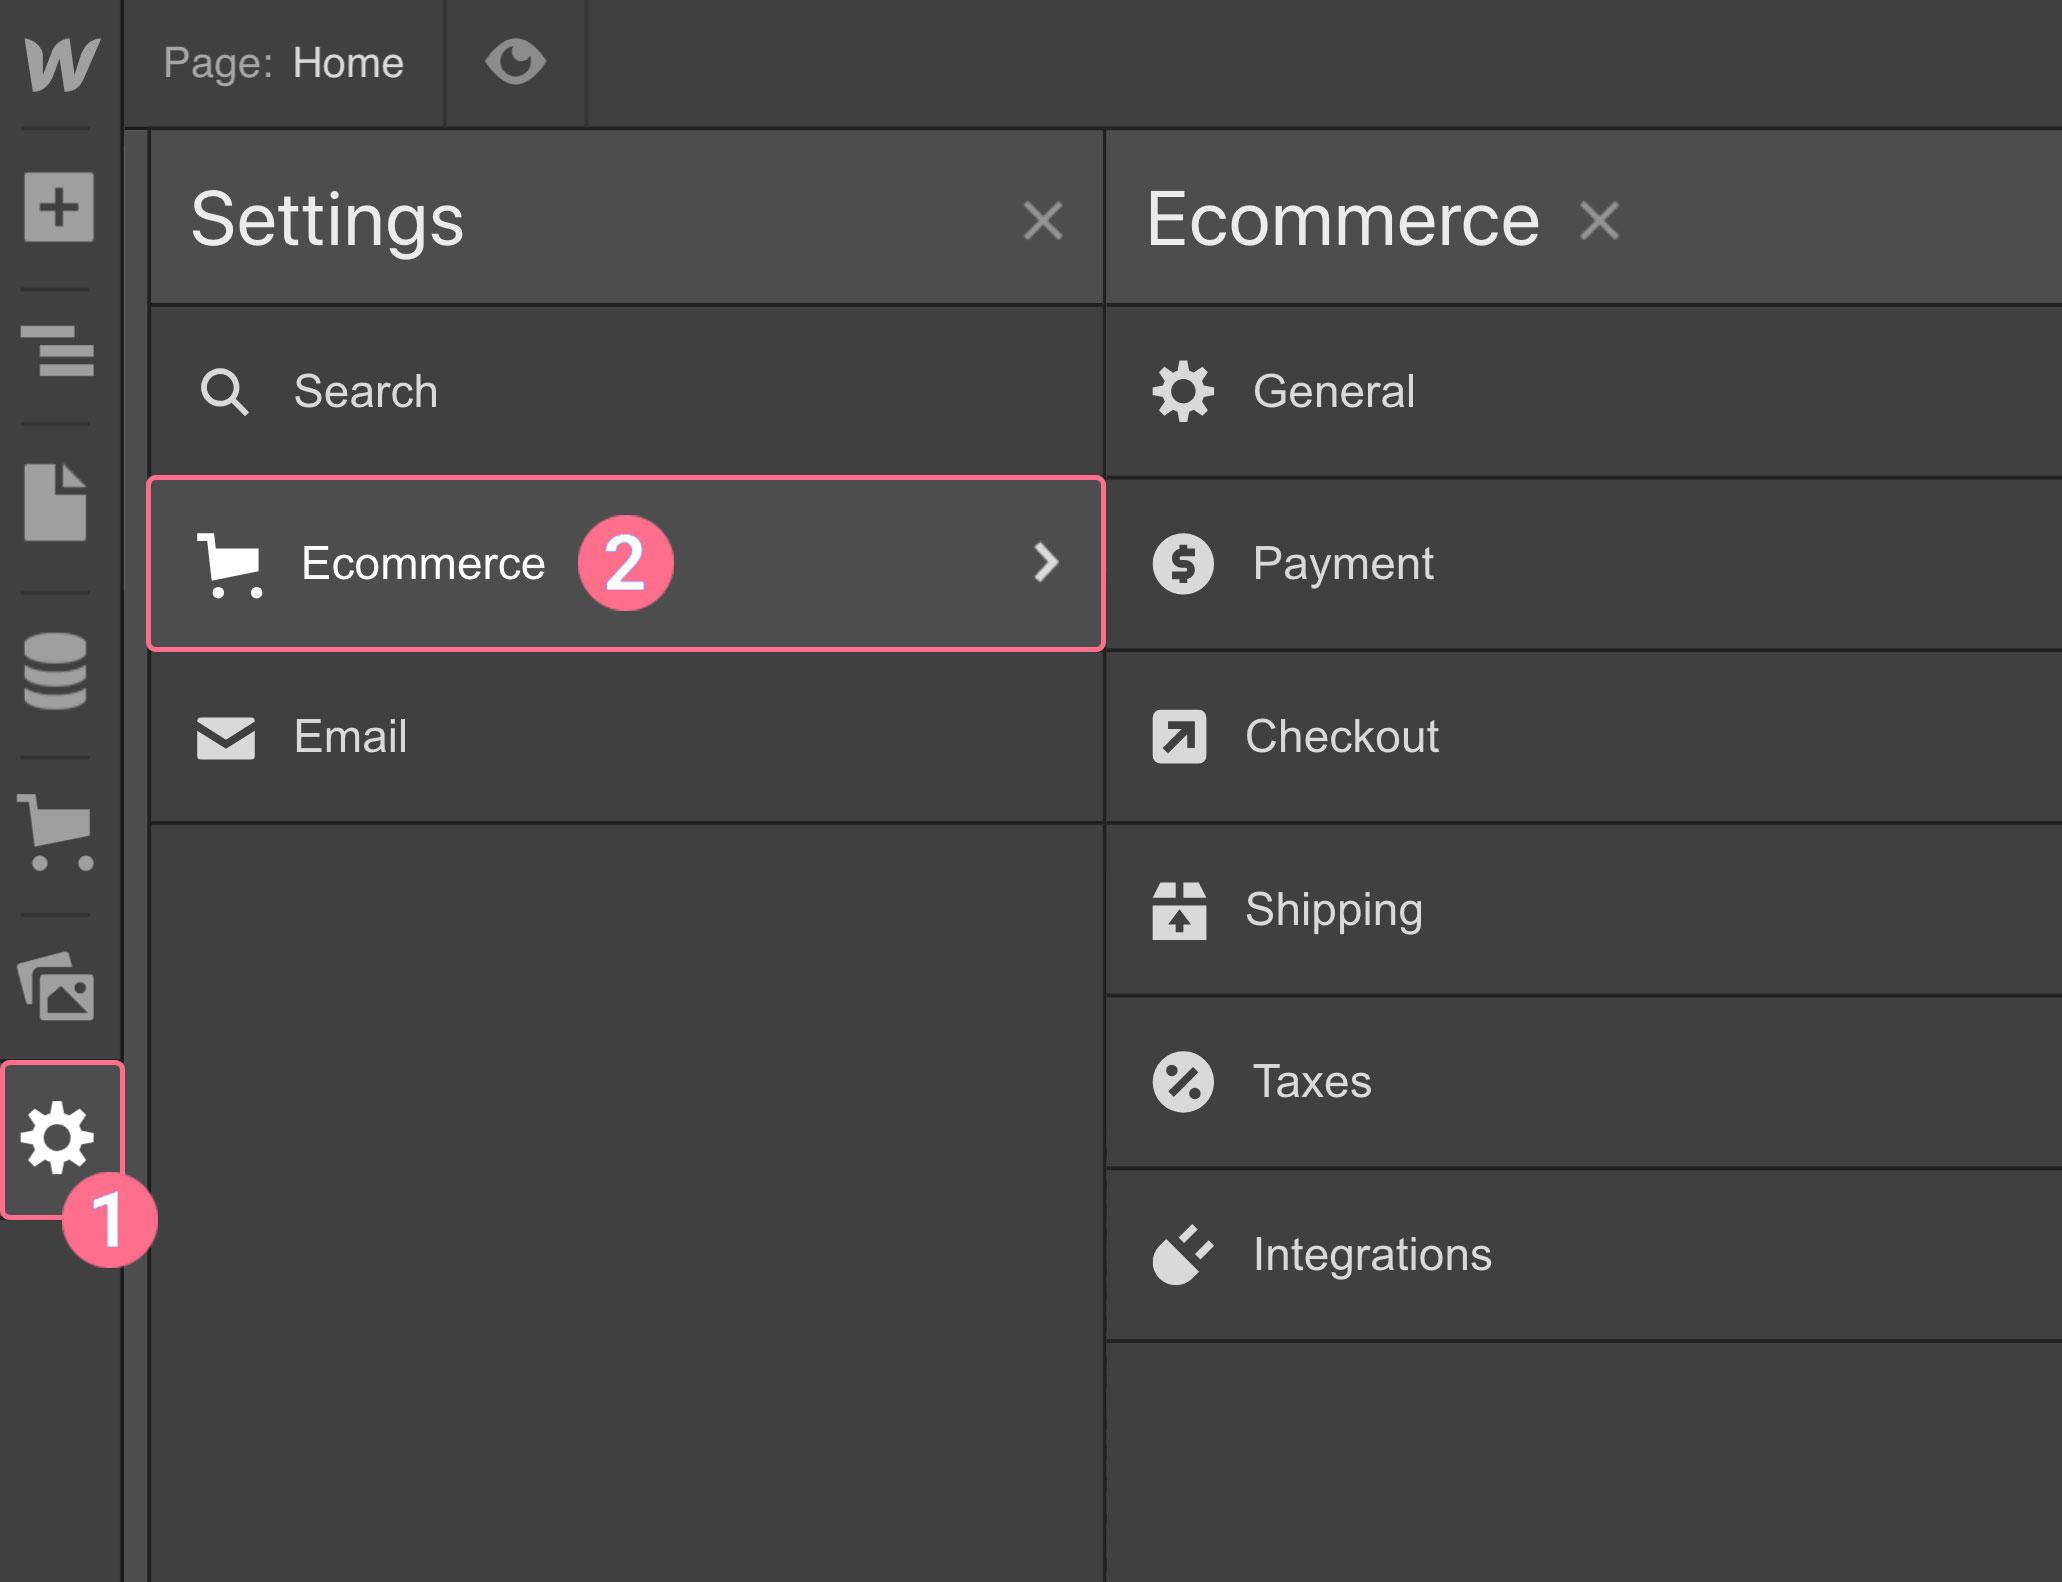 E-commerce settings